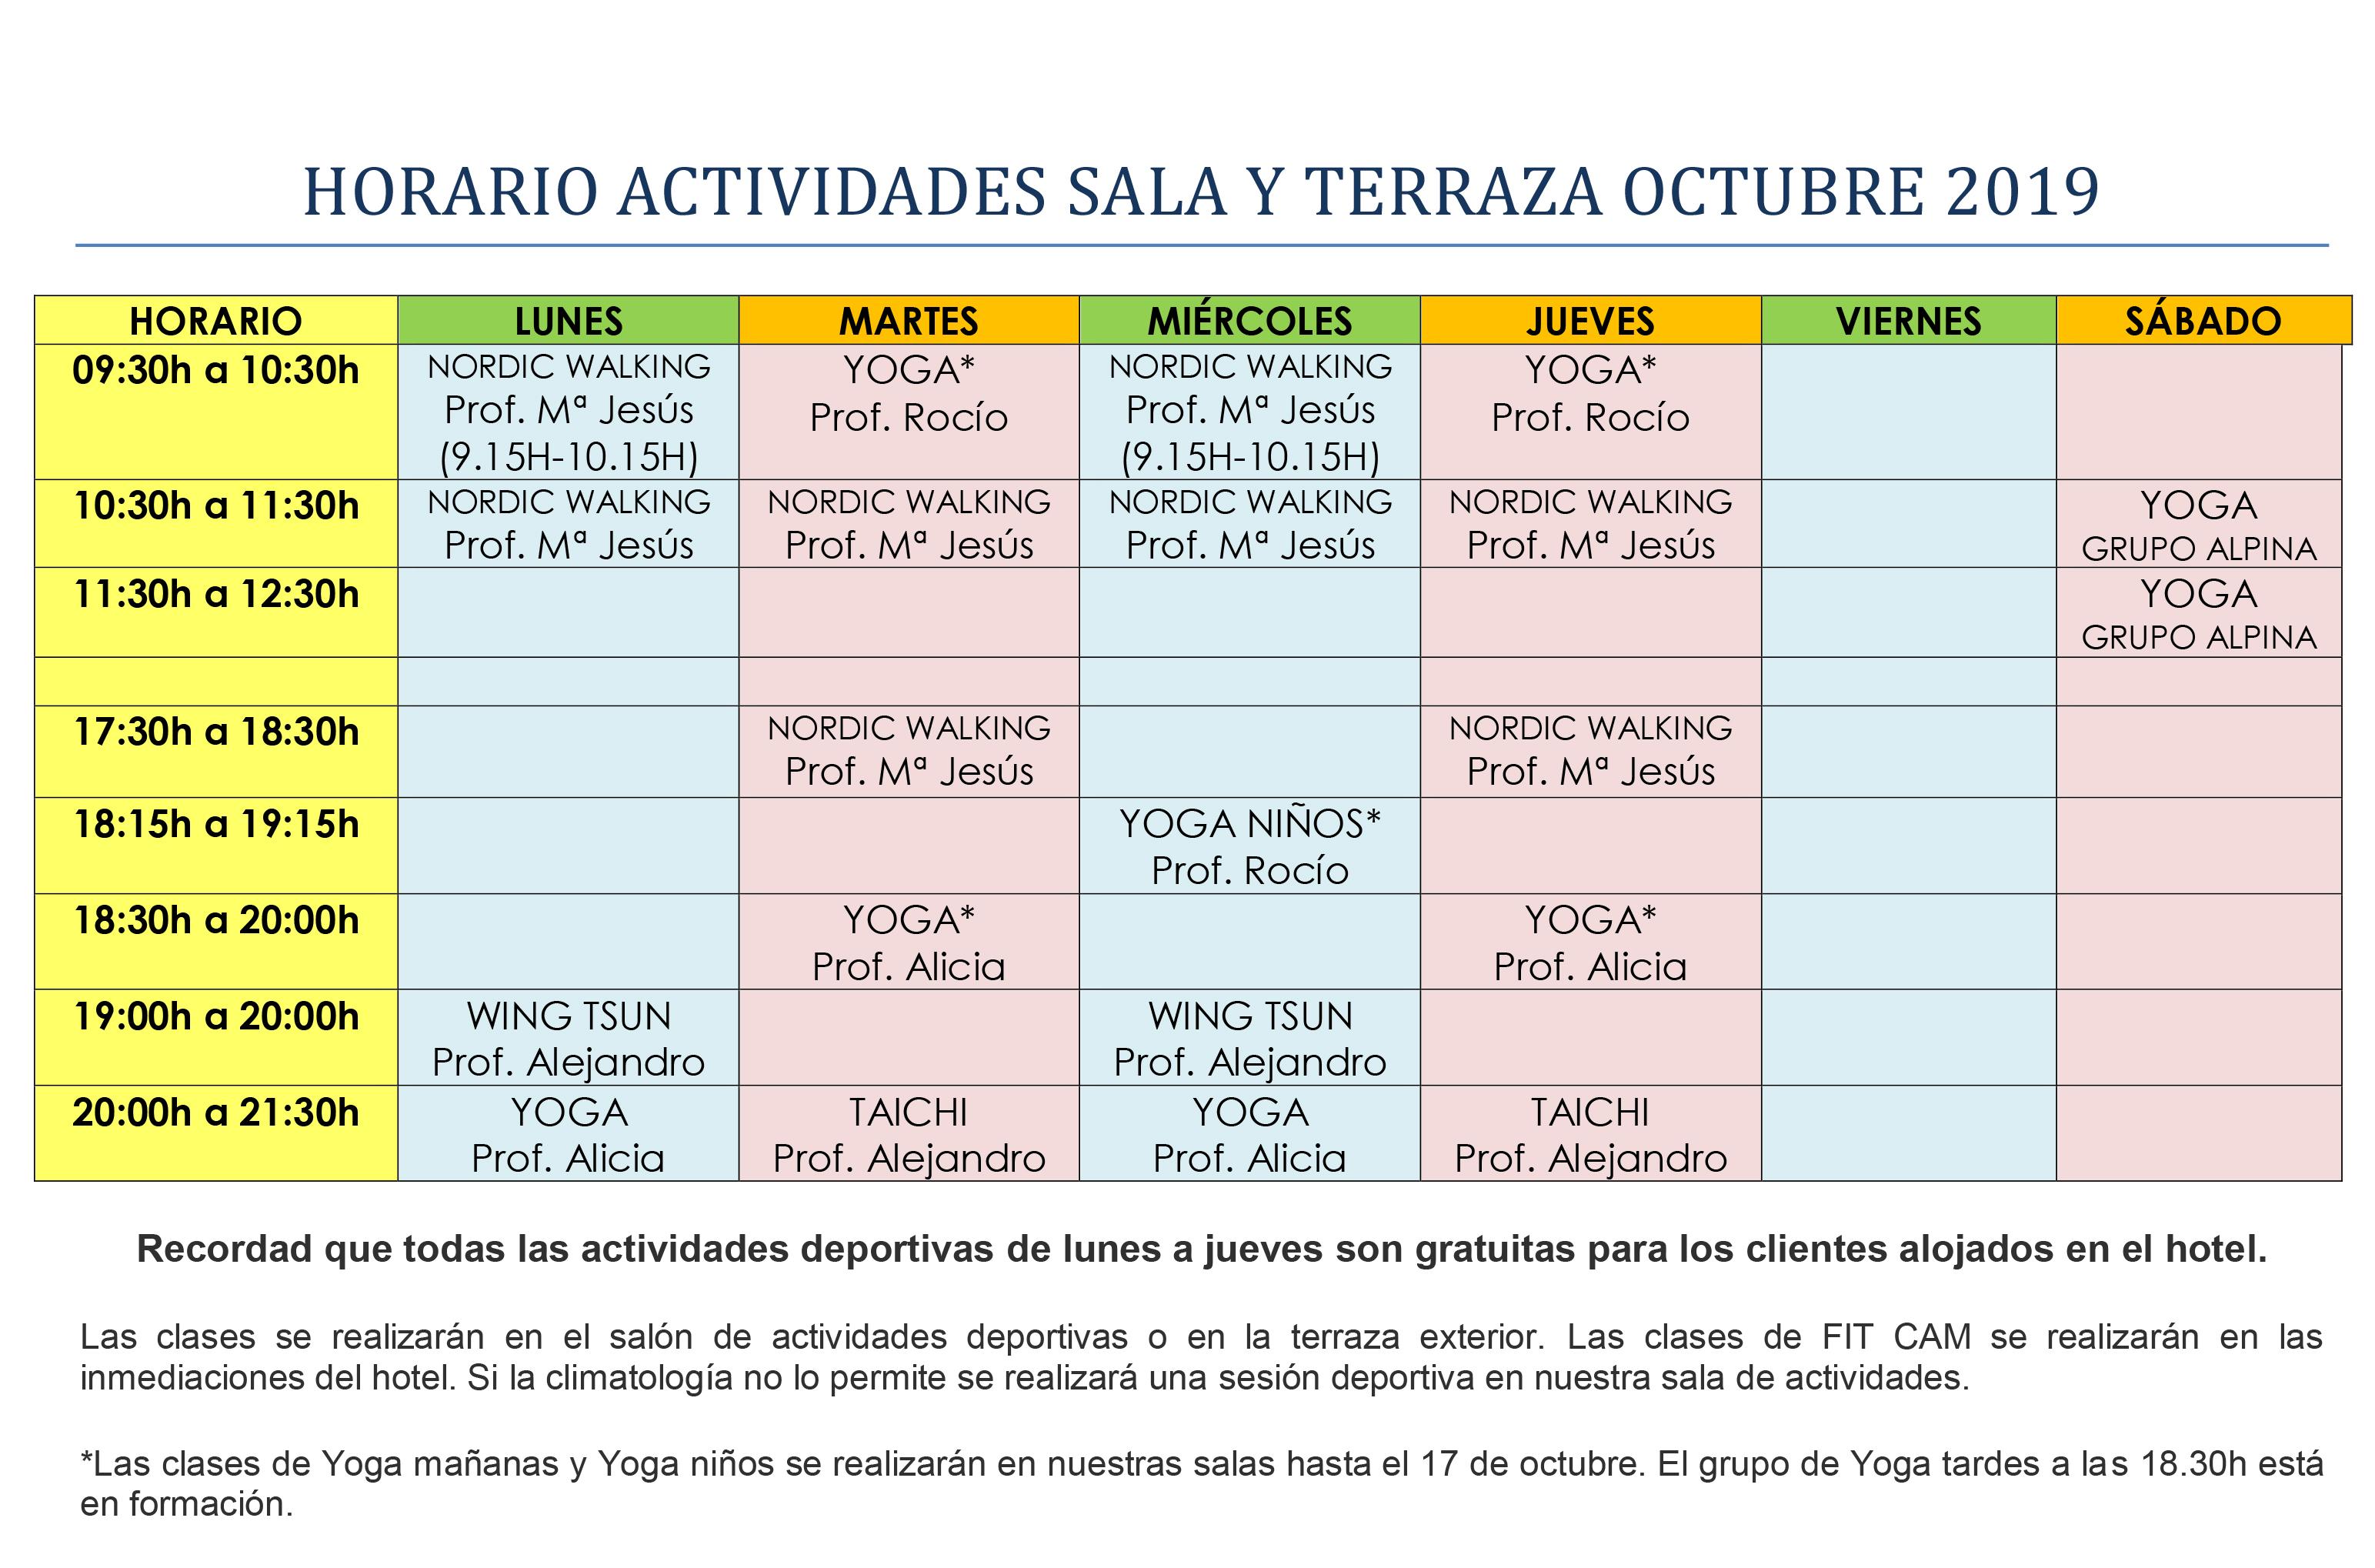 HORARIO ACTIVIDADES DIRIGIDAS OCTUBRE 2019